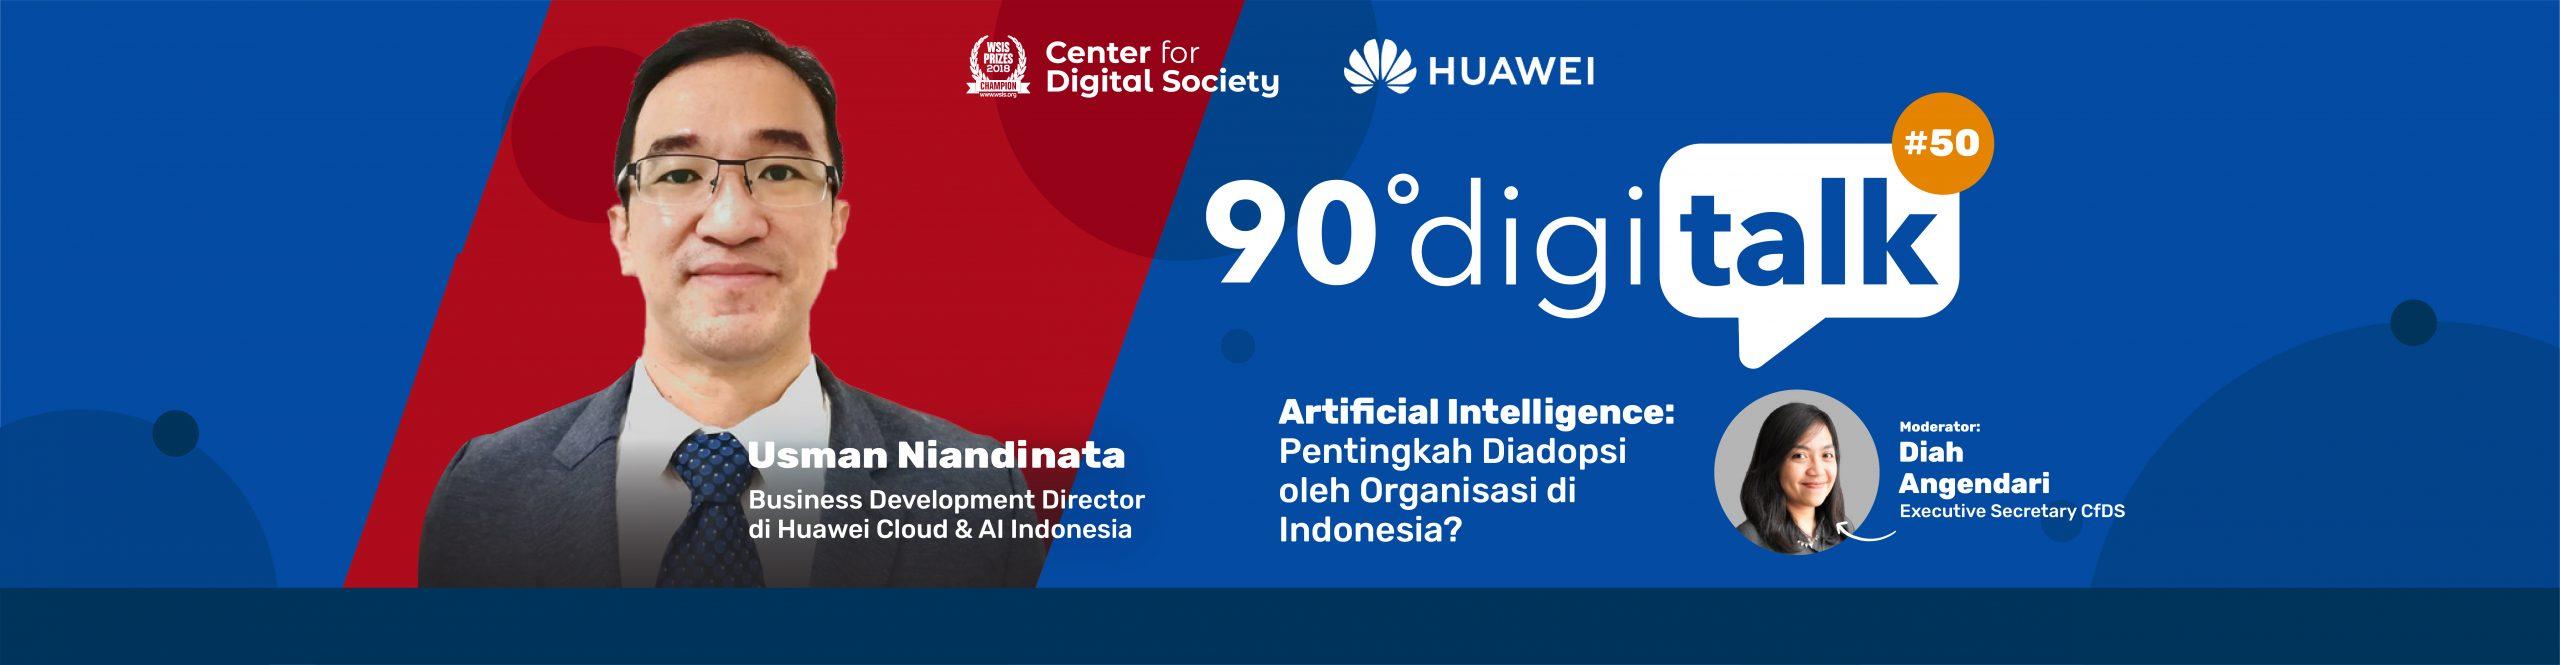 [SIARAN PERS] Artifical Intelligence: Pentingkah Diadopsi oleh Organisasi di Indonesia? DigiTalk #50